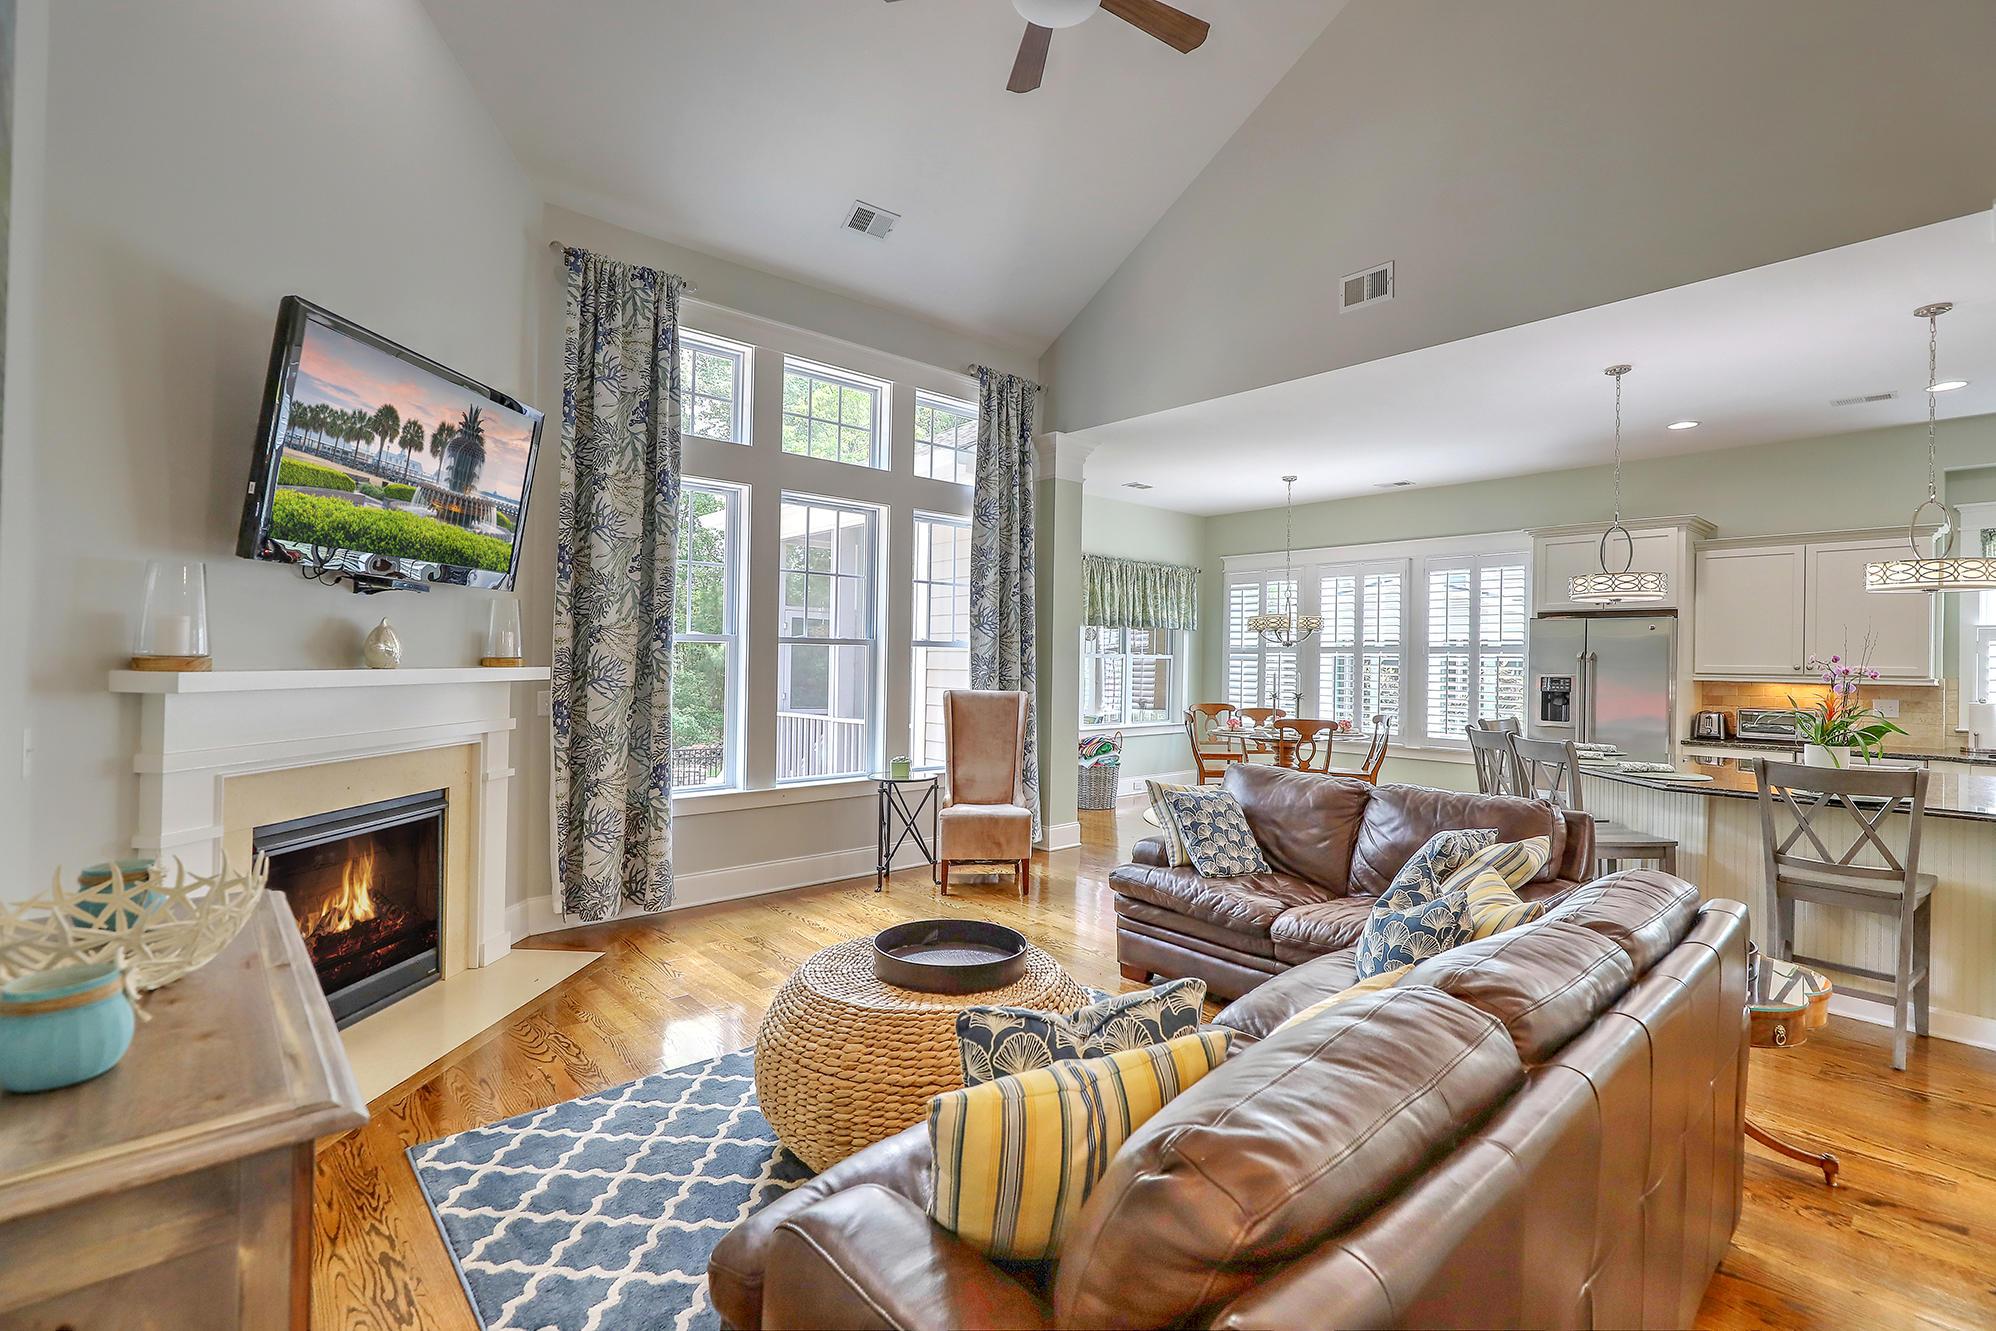 Park West Homes For Sale - 1516 Capel, Mount Pleasant, SC - 8